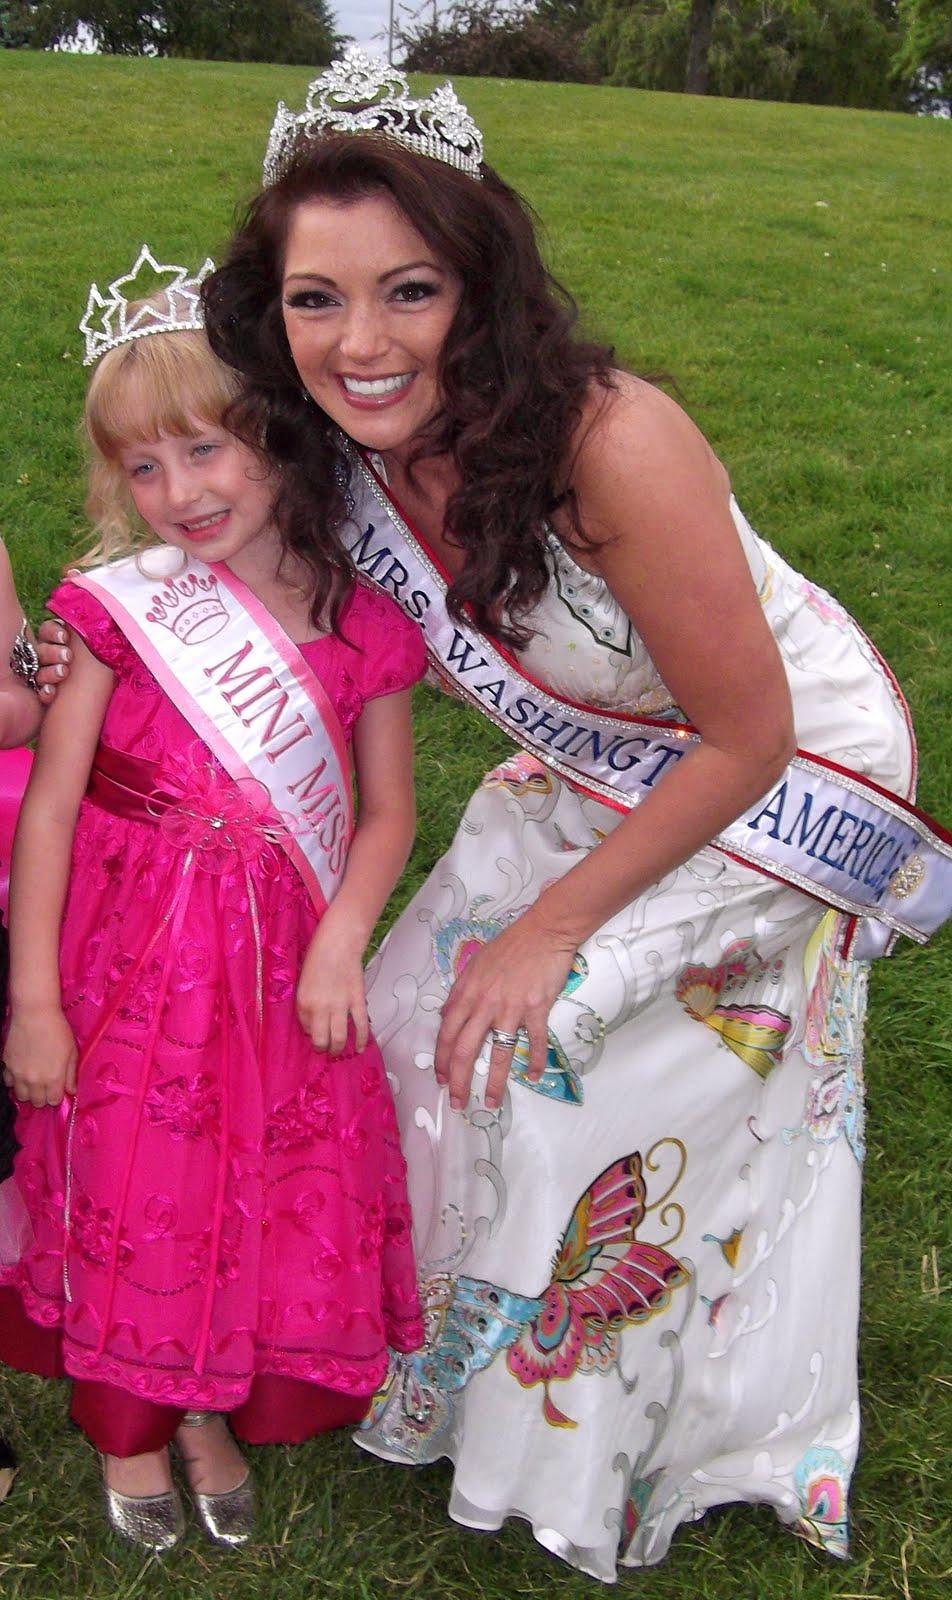 Little Miss Muffett Pretty Cute Doll Clothes Pattern 18: Mrs. Washington 2011: Little Miss Washington Pageant